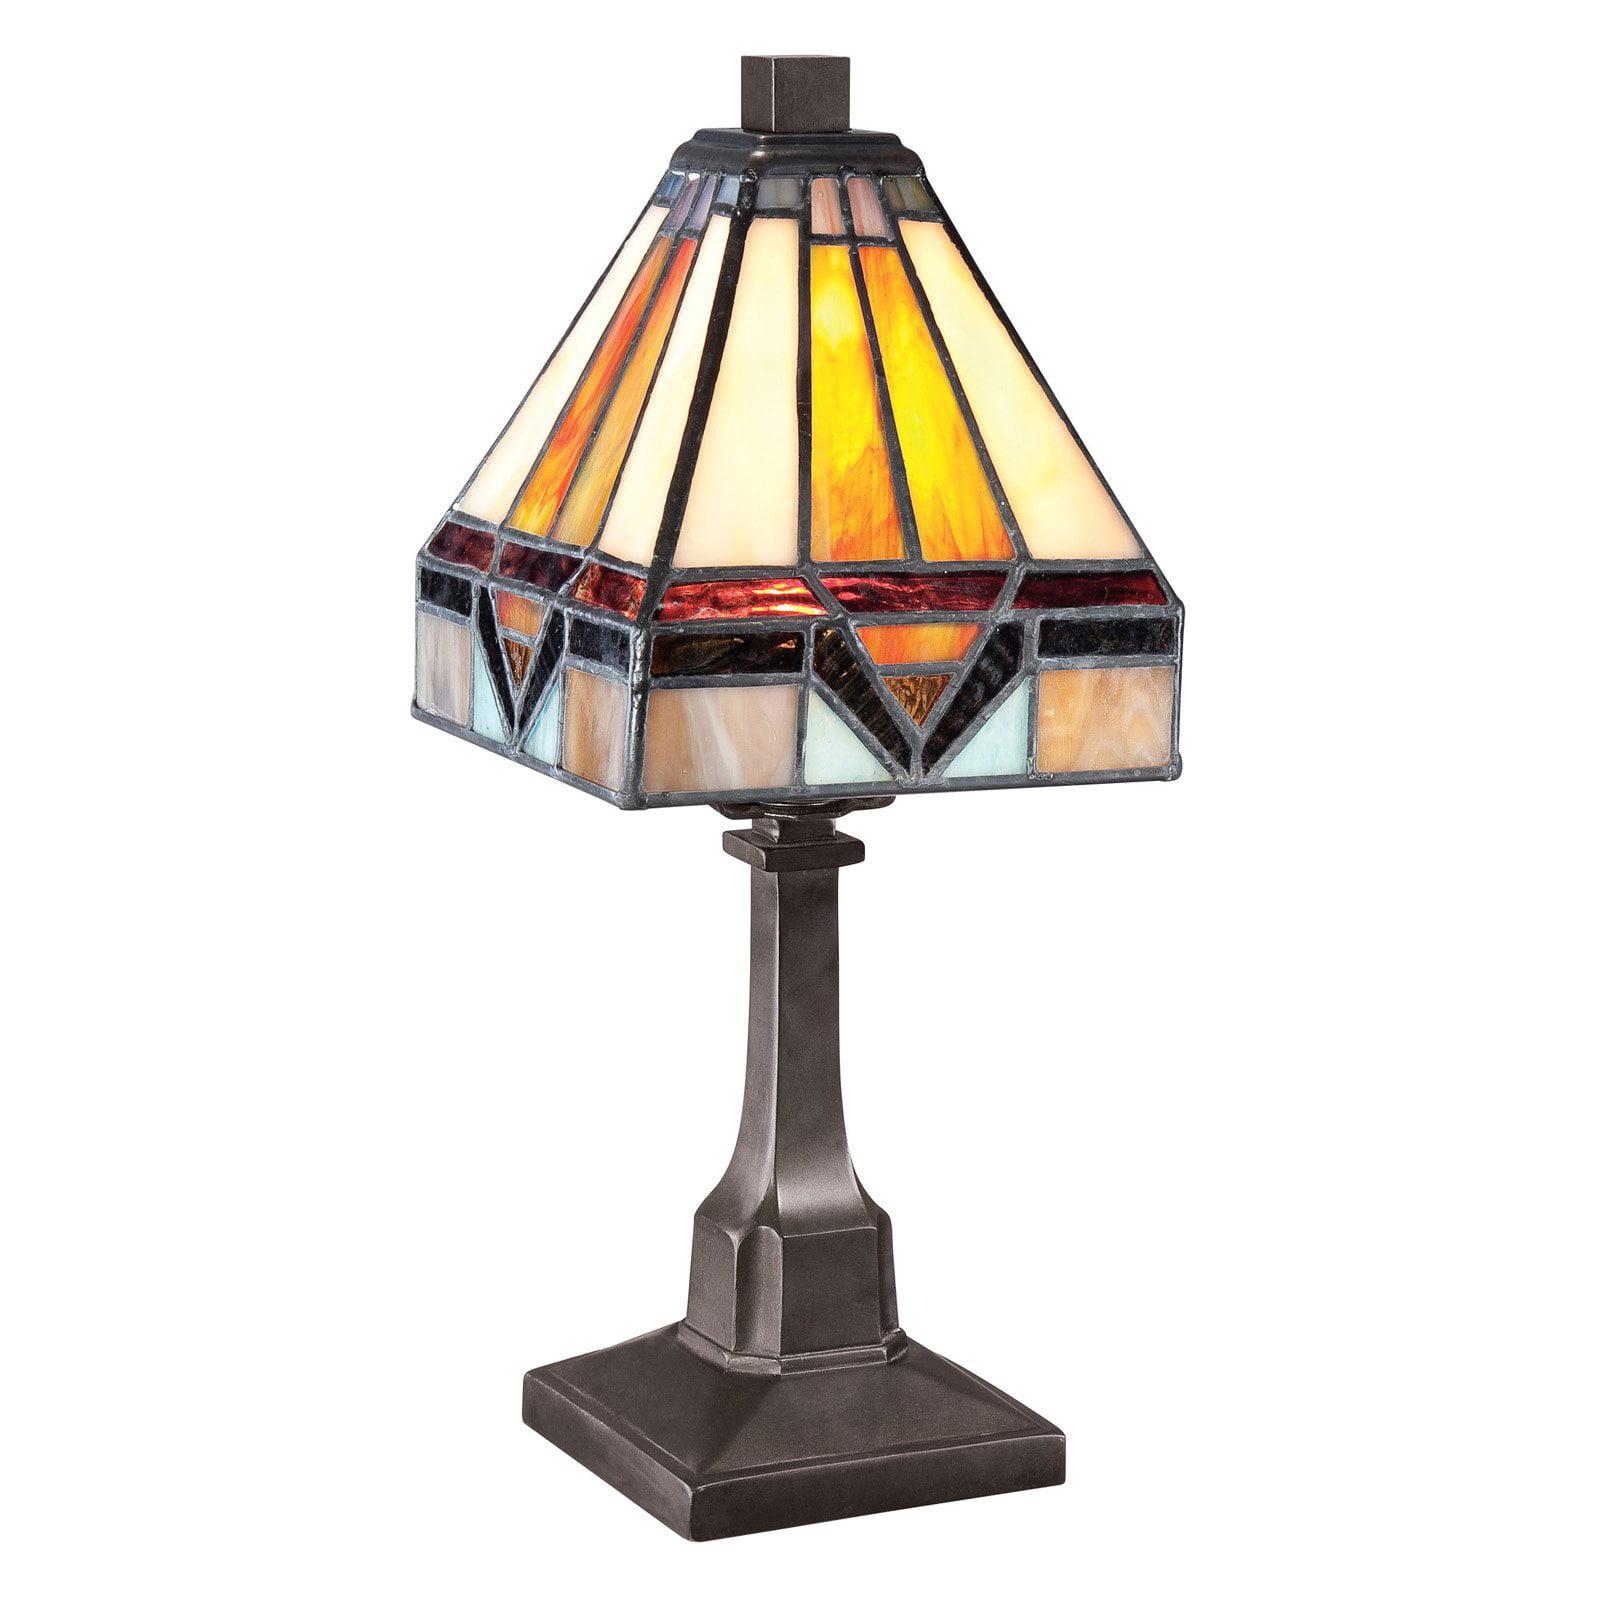 Quoizel TF1021TVB Tiffany Table Lamp